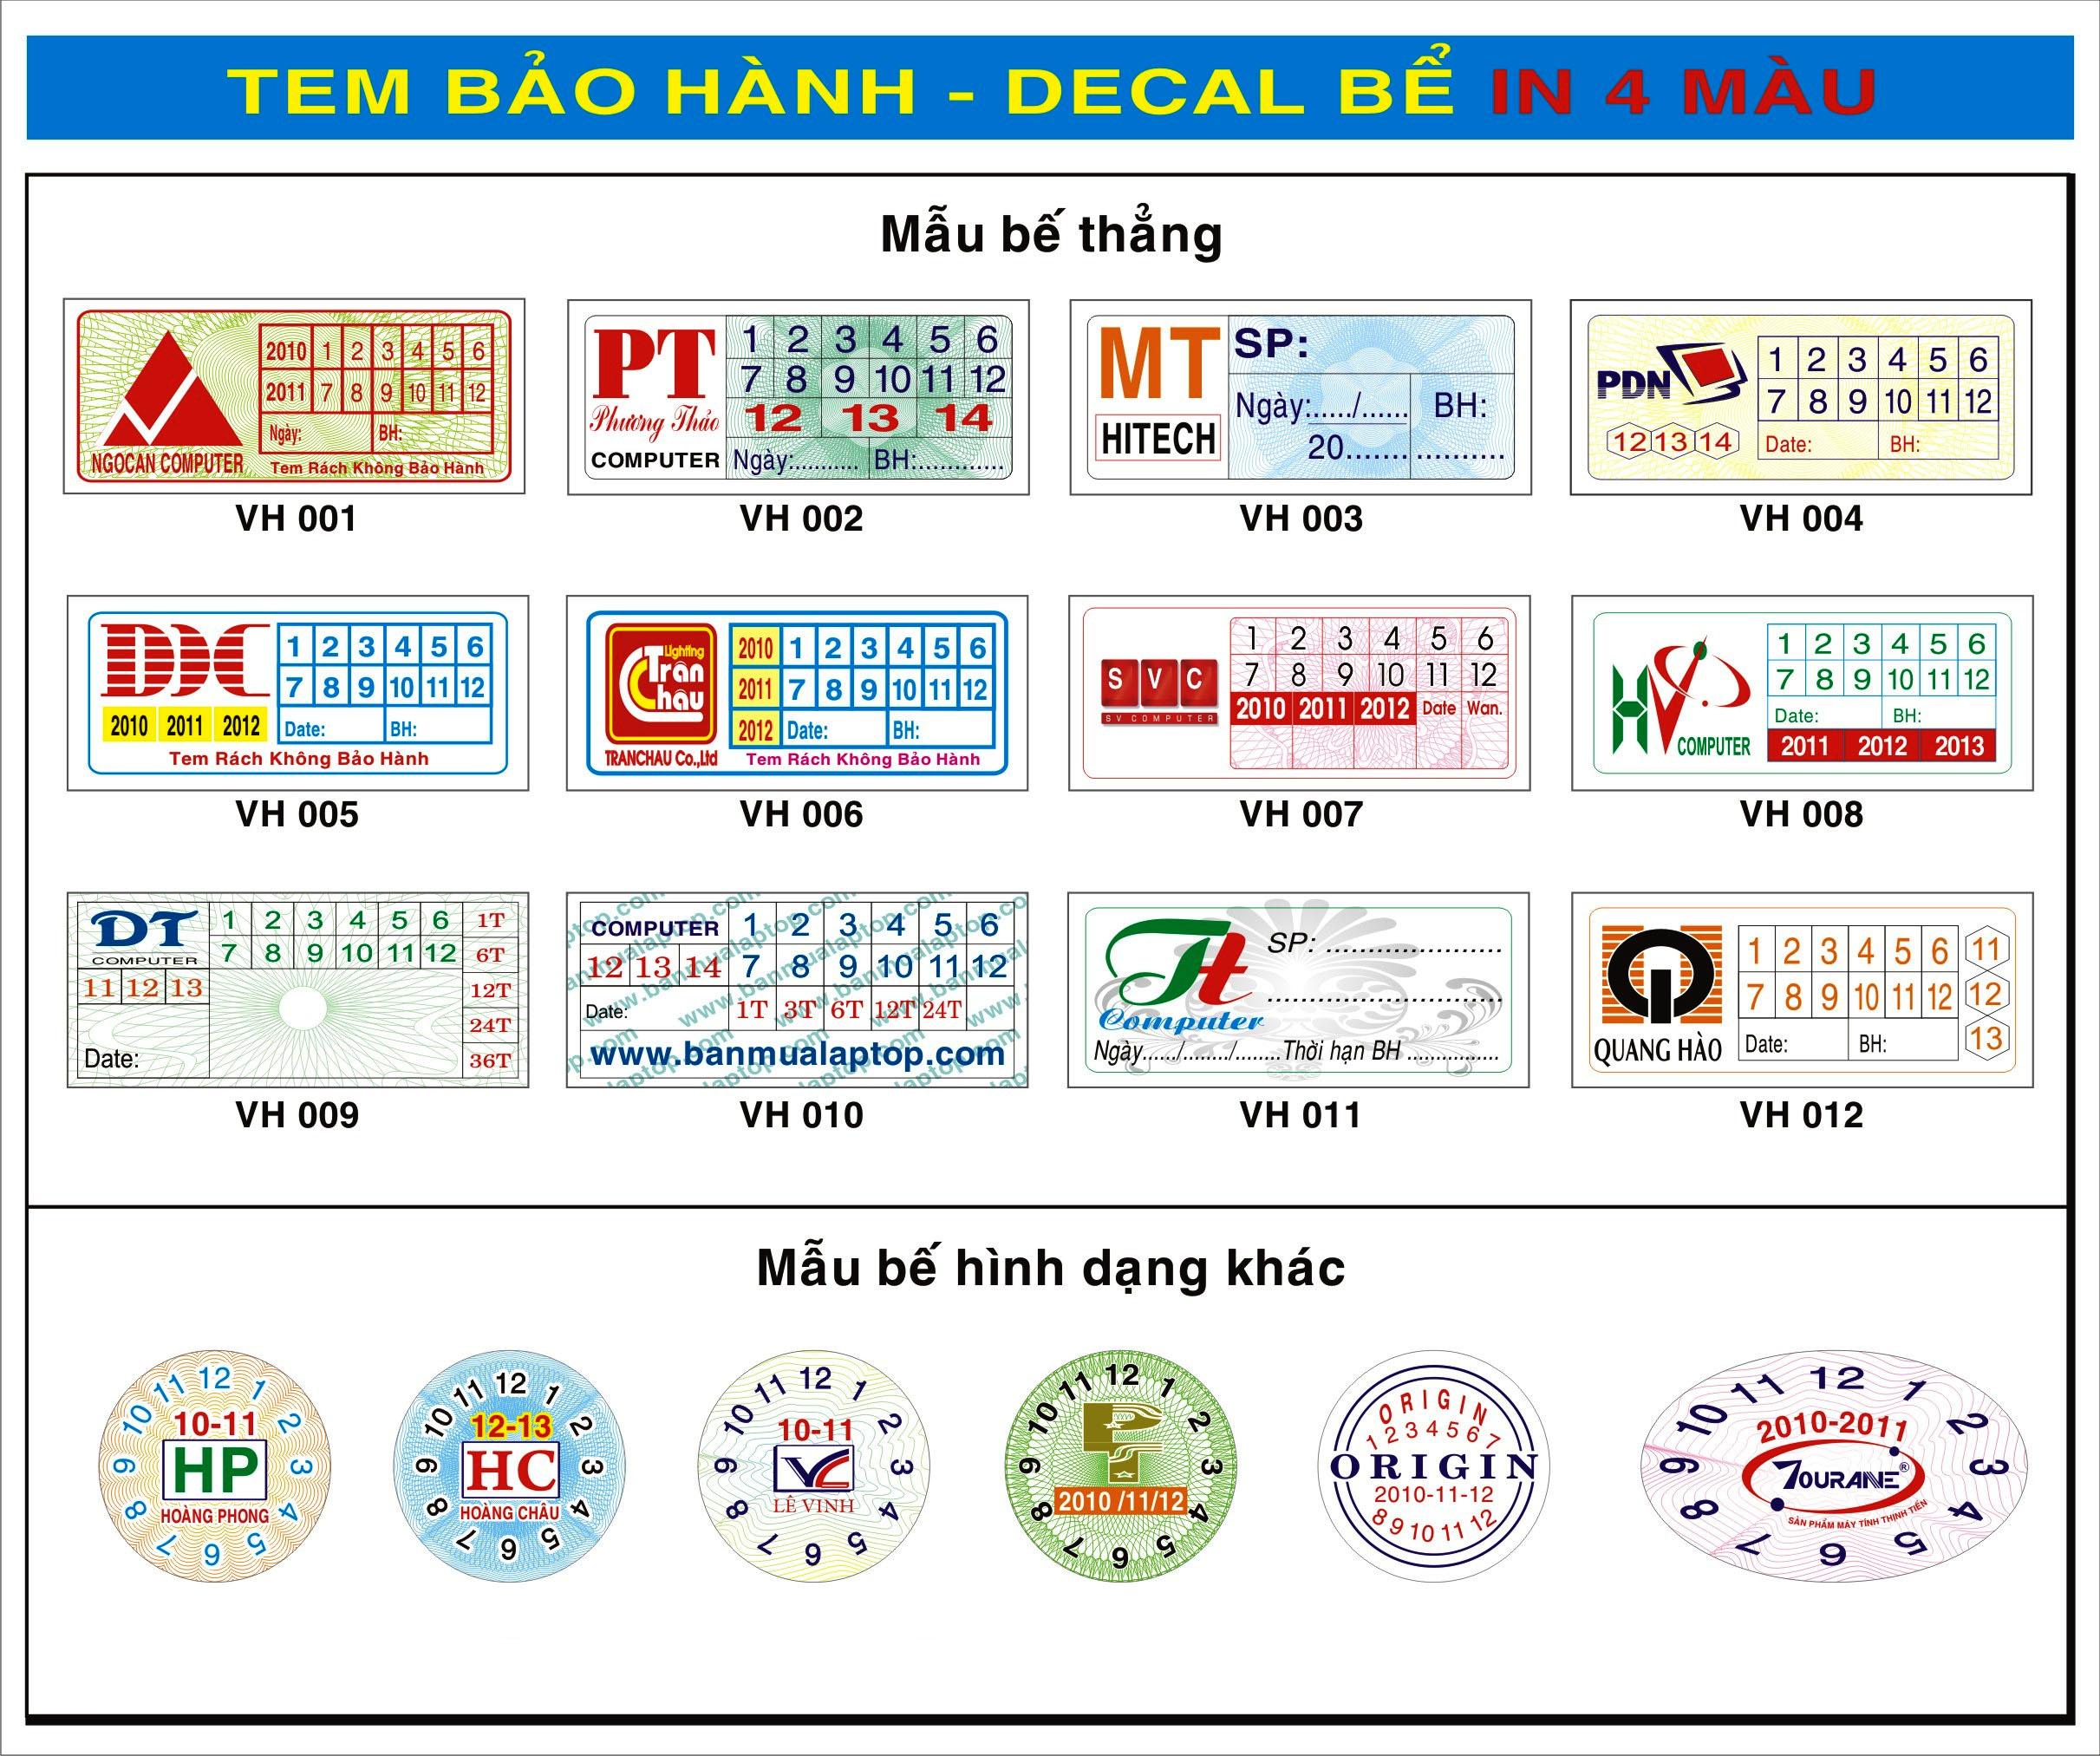 In tem lấy nhanh tại Thanh Xuân